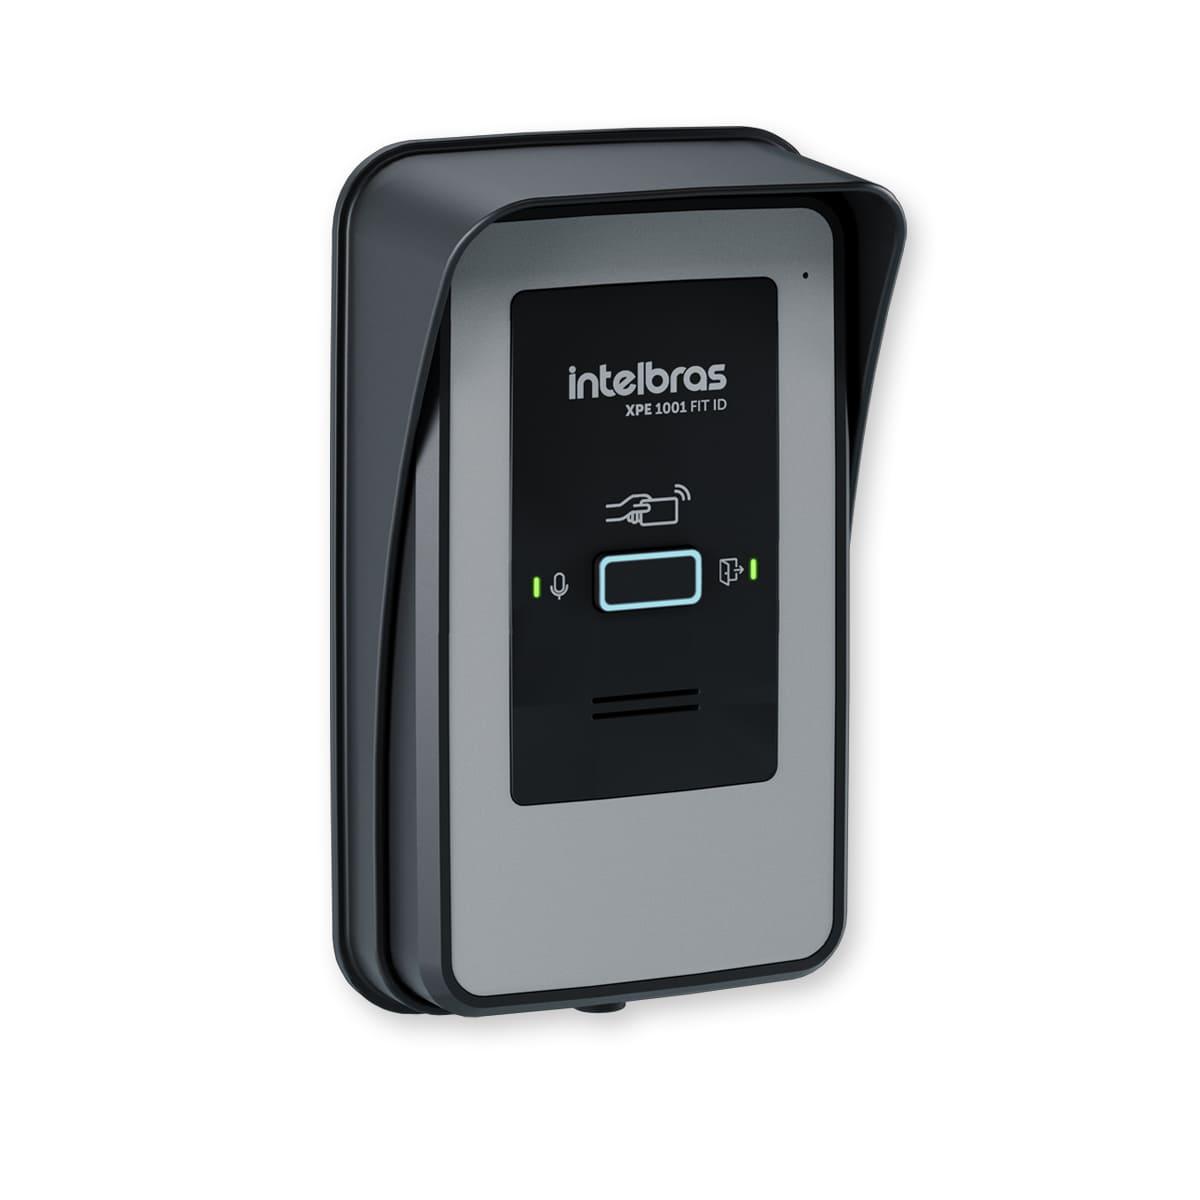 Porteiro Eletrônico Intelbras XPE 1001 FIT Terminal Dedicado